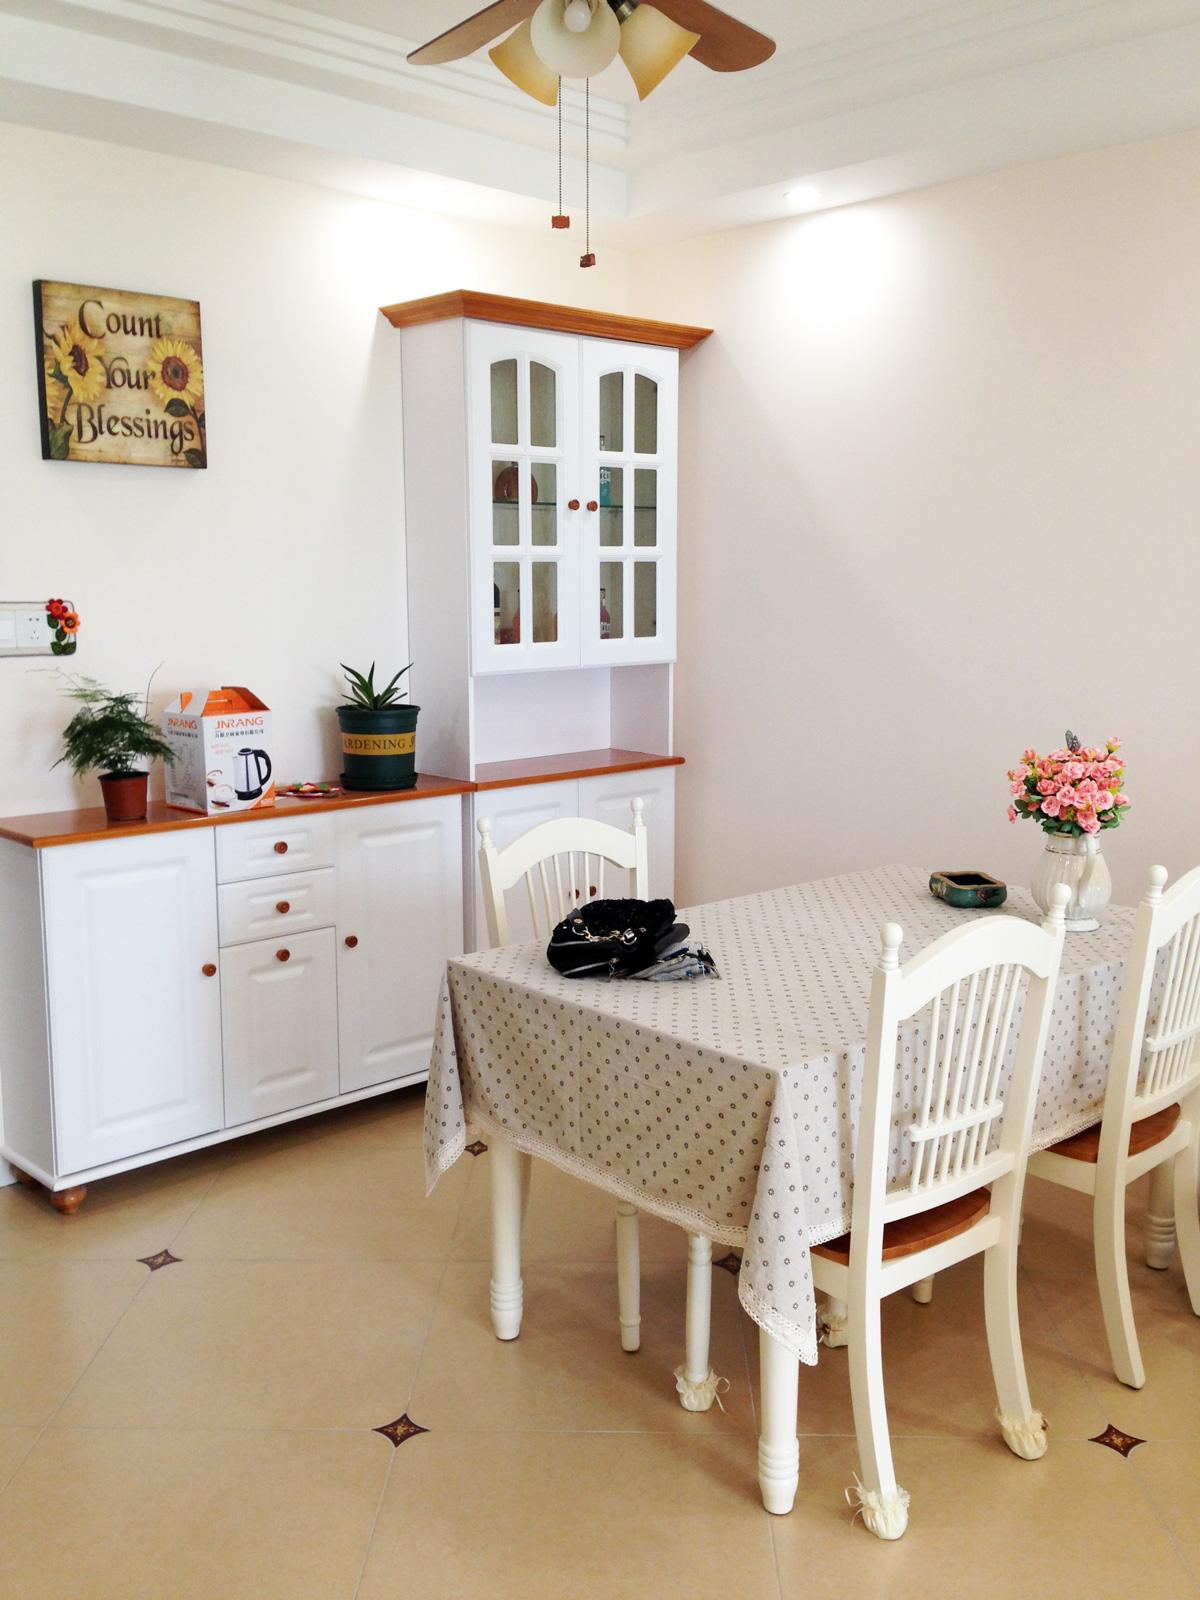 98m²三室二厅:我家从装修到入住只用了不到5个月时间 案例 第2张